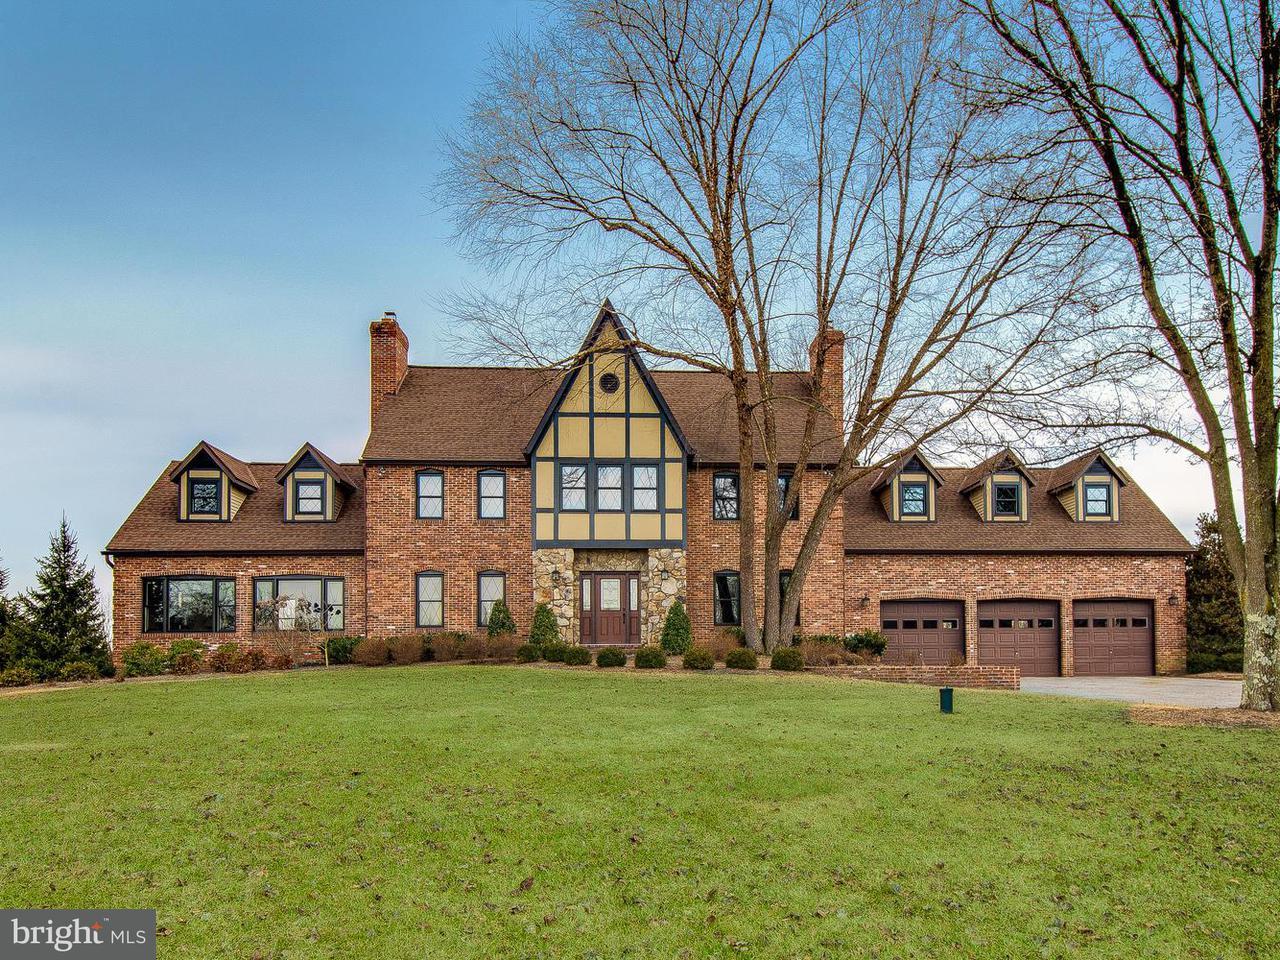 獨棟家庭住宅 為 出售 在 19716 Golden Valley Lane 19716 Golden Valley Lane Brookeville, 馬里蘭州 20833 美國